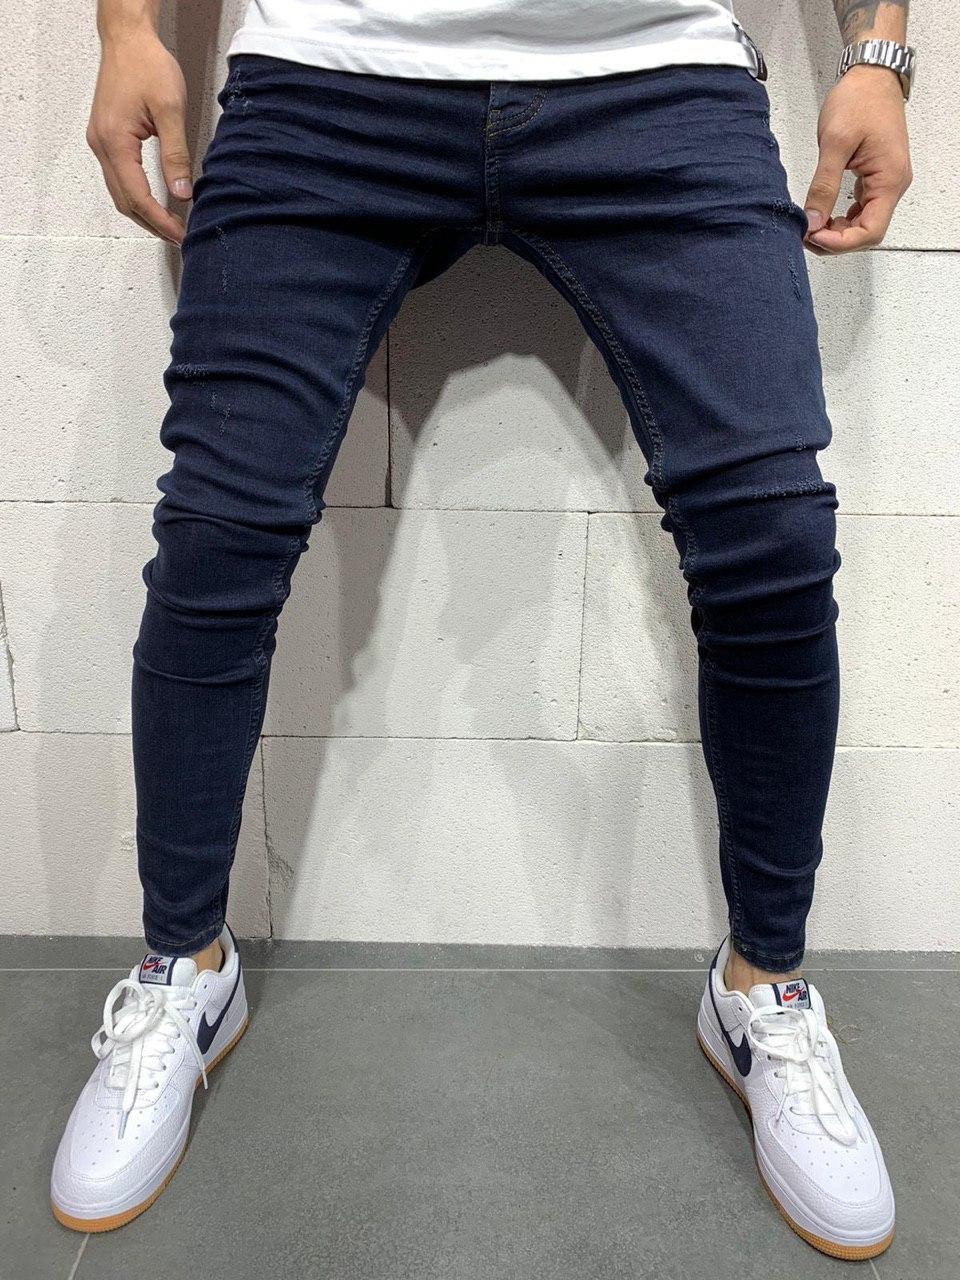 😝 Джинсы - Мужские джинсы темно-синие